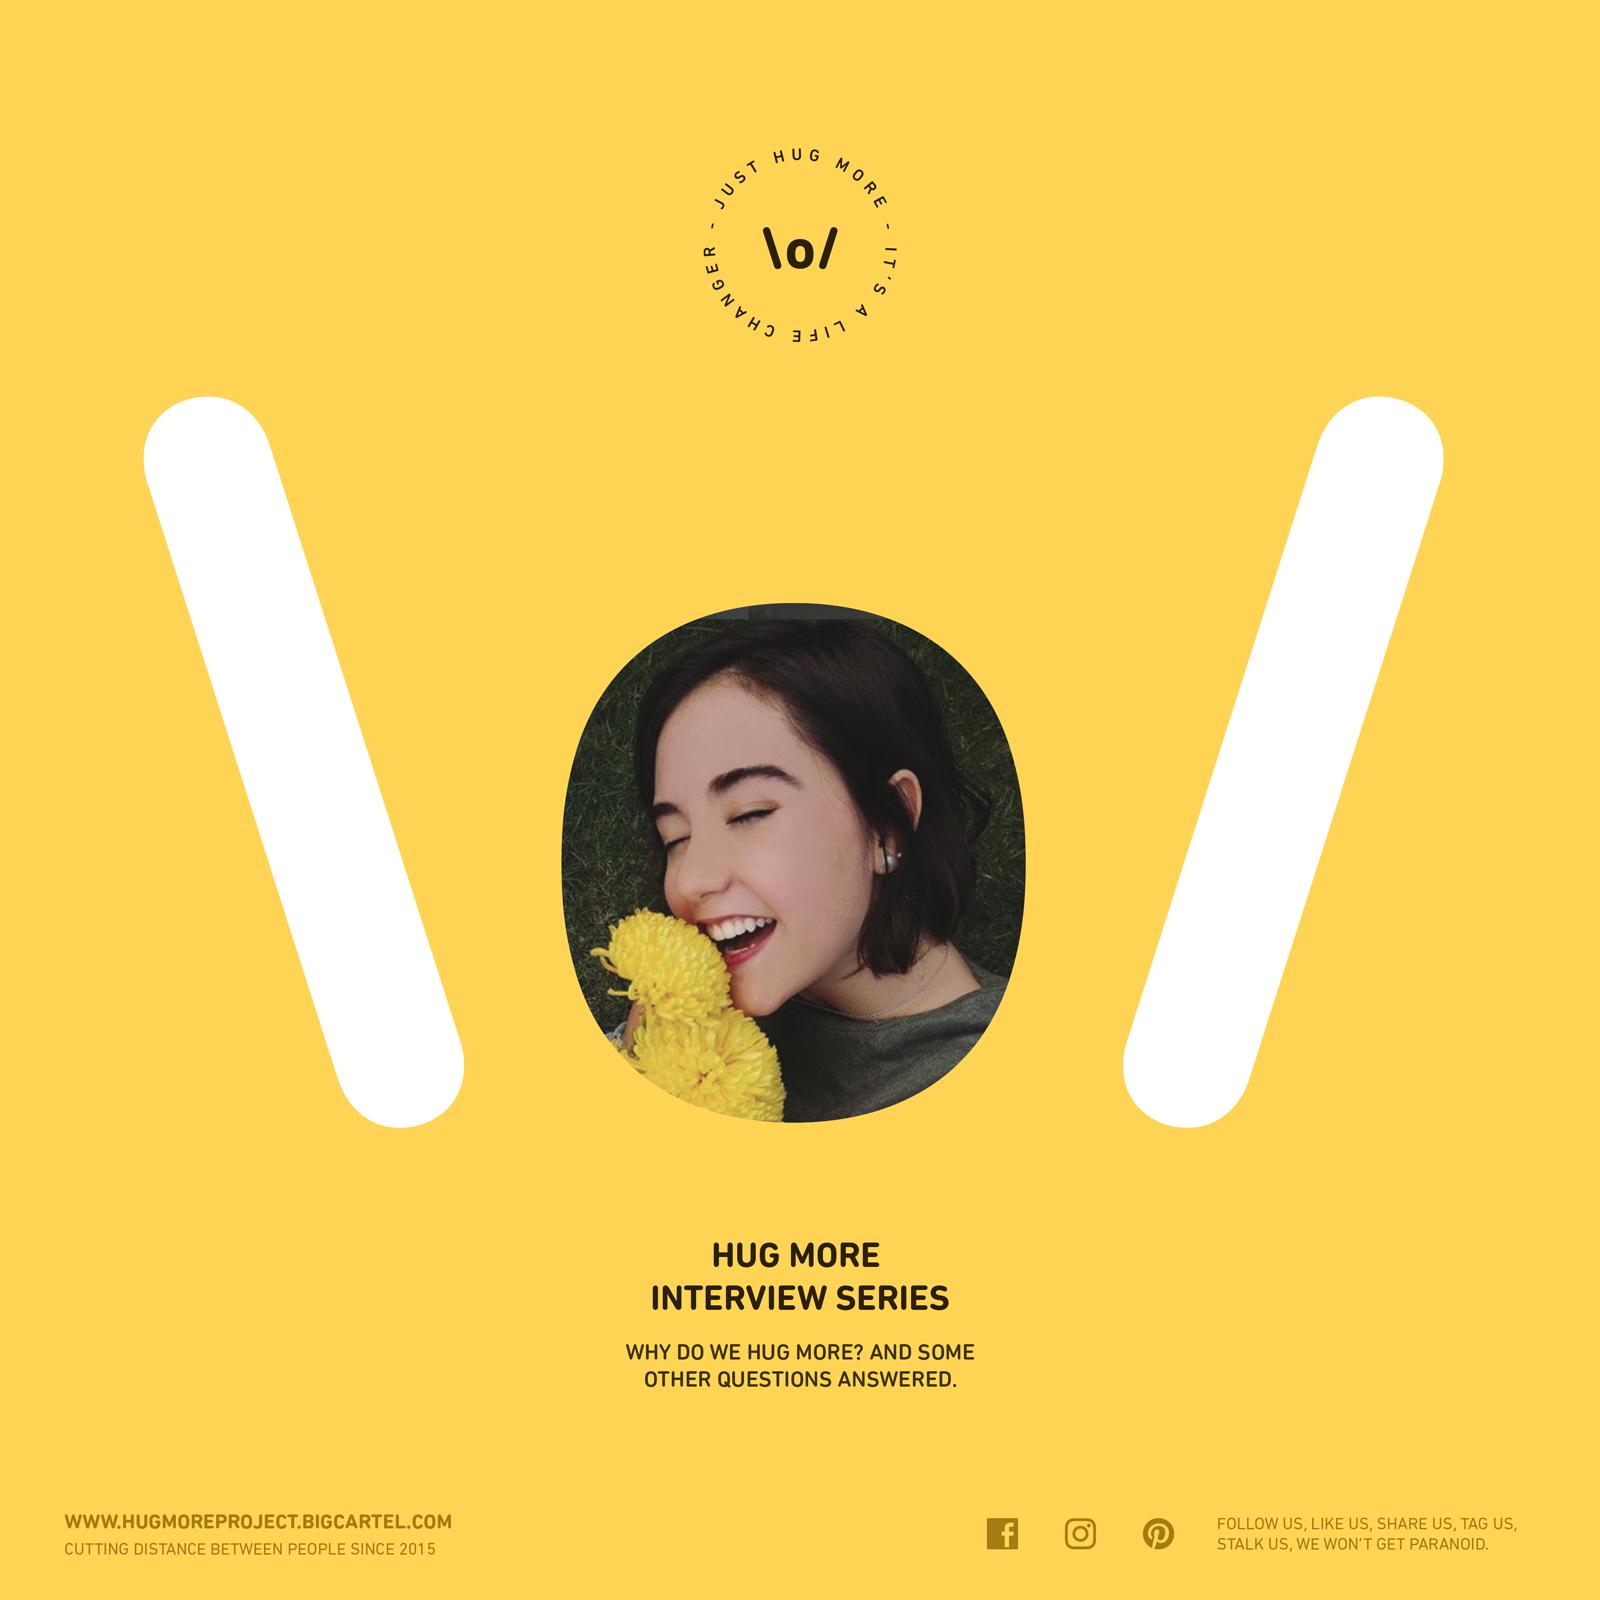 HUG-MORE-interview-015-Carola-Berjon-Alvarez.jpg